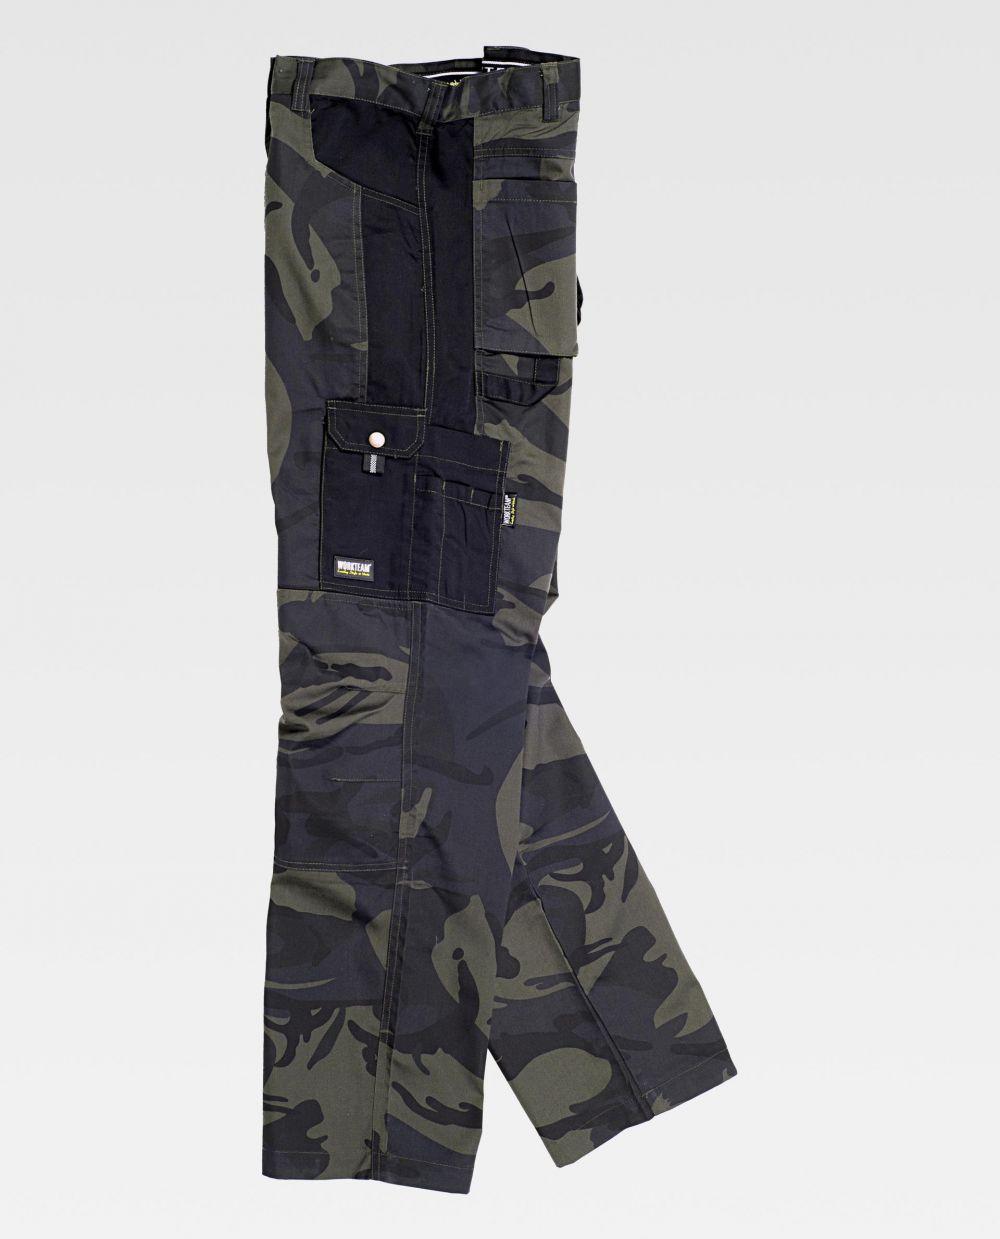 Pantalones de trabajo workteam s8515 de poliéster vista 2